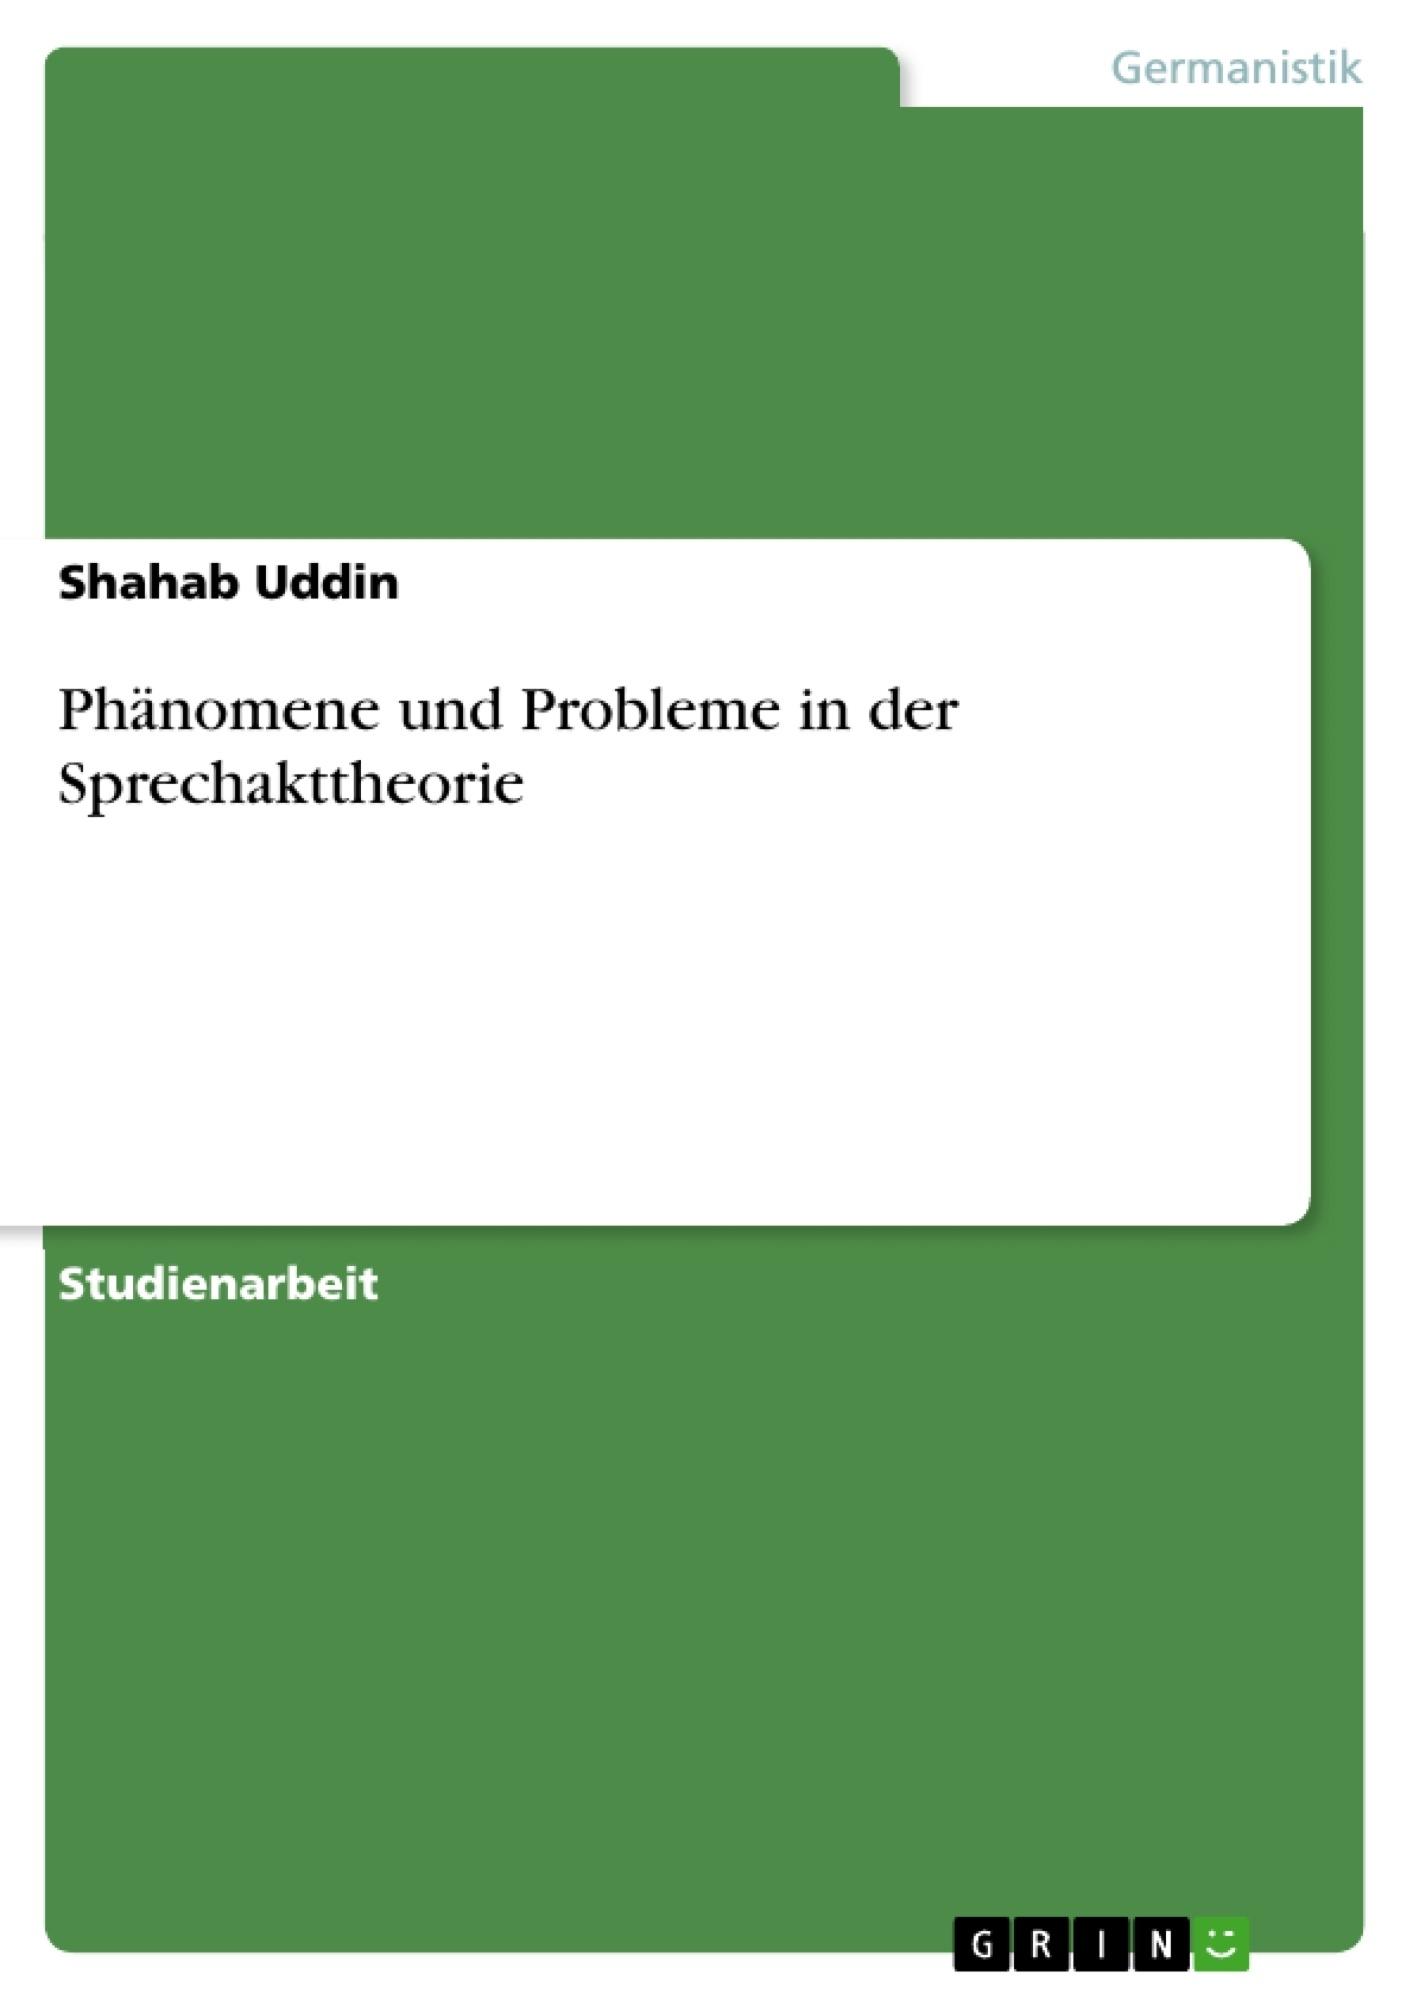 Titel: Phänomene und Probleme in der Sprechakttheorie